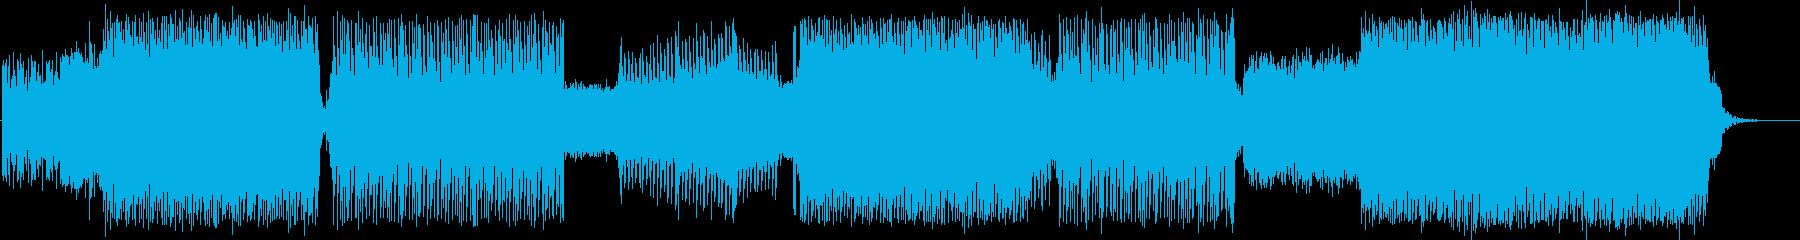 元気が出て行動的な躍動感のあるポップスの再生済みの波形